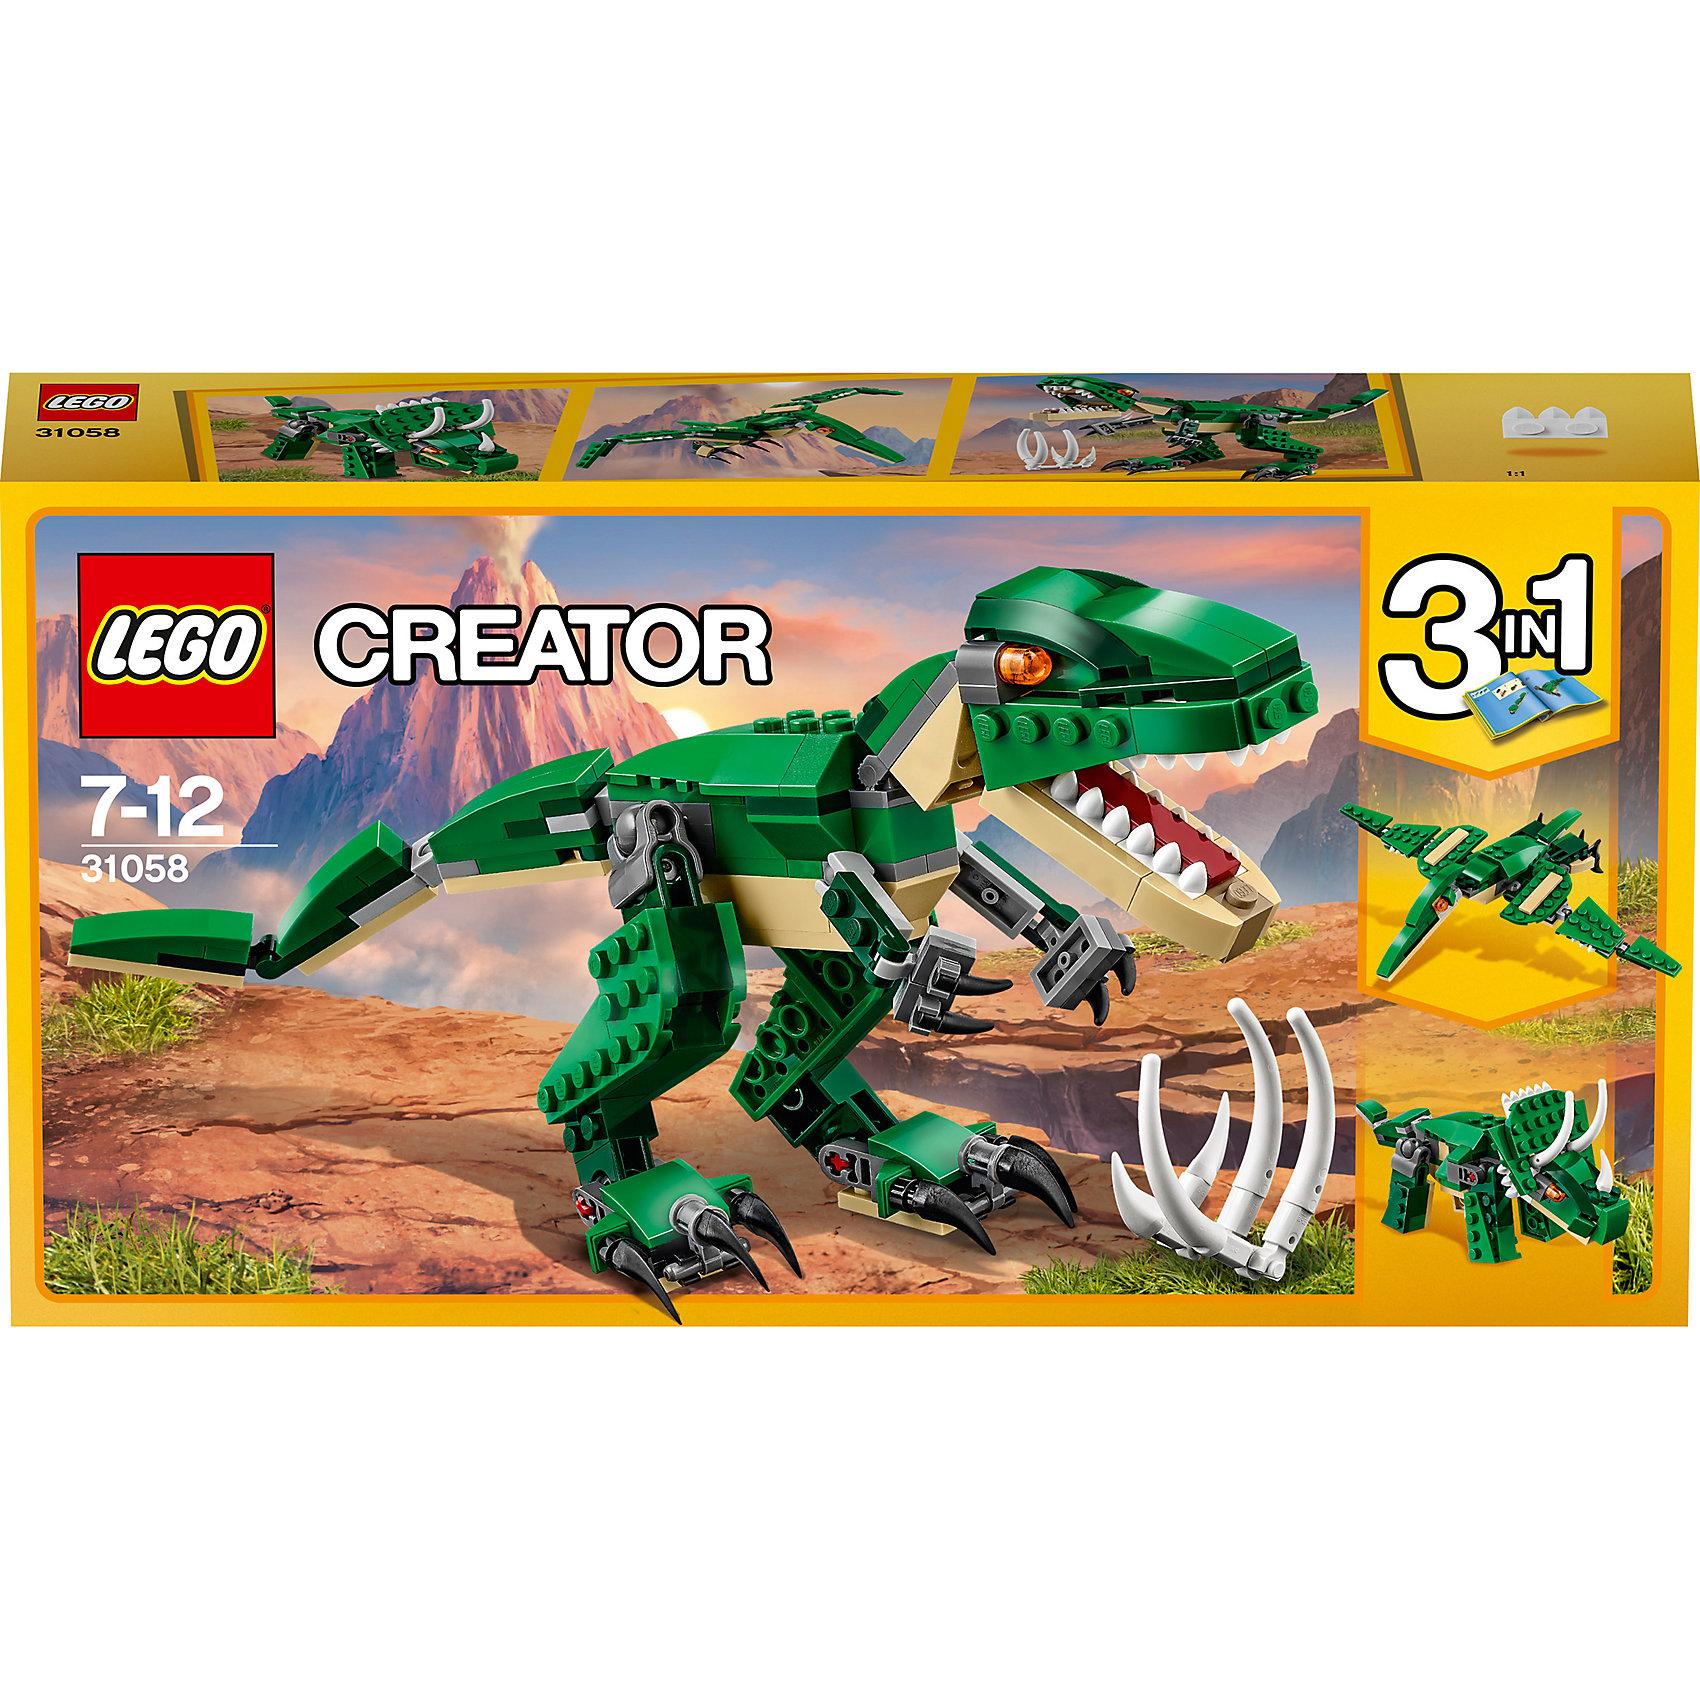 LEGO Creator 31058: Грозный динозаврLEGO Creator 31058: Грозный динозавр<br><br>Характеристики:<br><br>- в набор входит: детали для динозавра, красочная инструкция<br>- состав: пластик<br>- количество деталей: 174<br>- высота тираннозавра: 11 см.<br>- высота трицератопса: 9 см.<br>- размер птеродактиля: 25 * 4 * 18 см.<br>- для детей в возрасте: от 7 до 12 лет<br>- Страна производитель: Дания/Китай/Чехия<br><br>Легендарный конструктор LEGO (ЛЕГО) представляет серию «Creator» (Криэйтор), которая позволяет детям экспериментировать с домами, машинами, самолетами и существами. Каждый набор этой серии подразумевает перестройку тремя разными способами убирая ограничения веселья! Набор Красный вертолёт понравится юным любителям динозавтров. Реалистичный тираннозавр с подвижными конечностями и открывающейся пастью перестраивается в летающего птеродактиля или в мощного травоядного трицератопса. При наличии трех таких наборов можно играть сразу с тремя разными динозаврами или построить семью из трех одинаковых. Играя с конструктором ребенок развивает моторику рук, воображение и логическое мышление, научится собирать по инструкции и создавать свои модели. Придумывайте новые игры с набором LEGO «Creator»!<br><br>Конструктор LEGO Creator 31058: Грозный динозавр можно купить в нашем интернет-магазине.<br><br>Ширина мм: 262<br>Глубина мм: 139<br>Высота мм: 50<br>Вес г: 251<br>Возраст от месяцев: 84<br>Возраст до месяцев: 144<br>Пол: Мужской<br>Возраст: Детский<br>SKU: 5002500